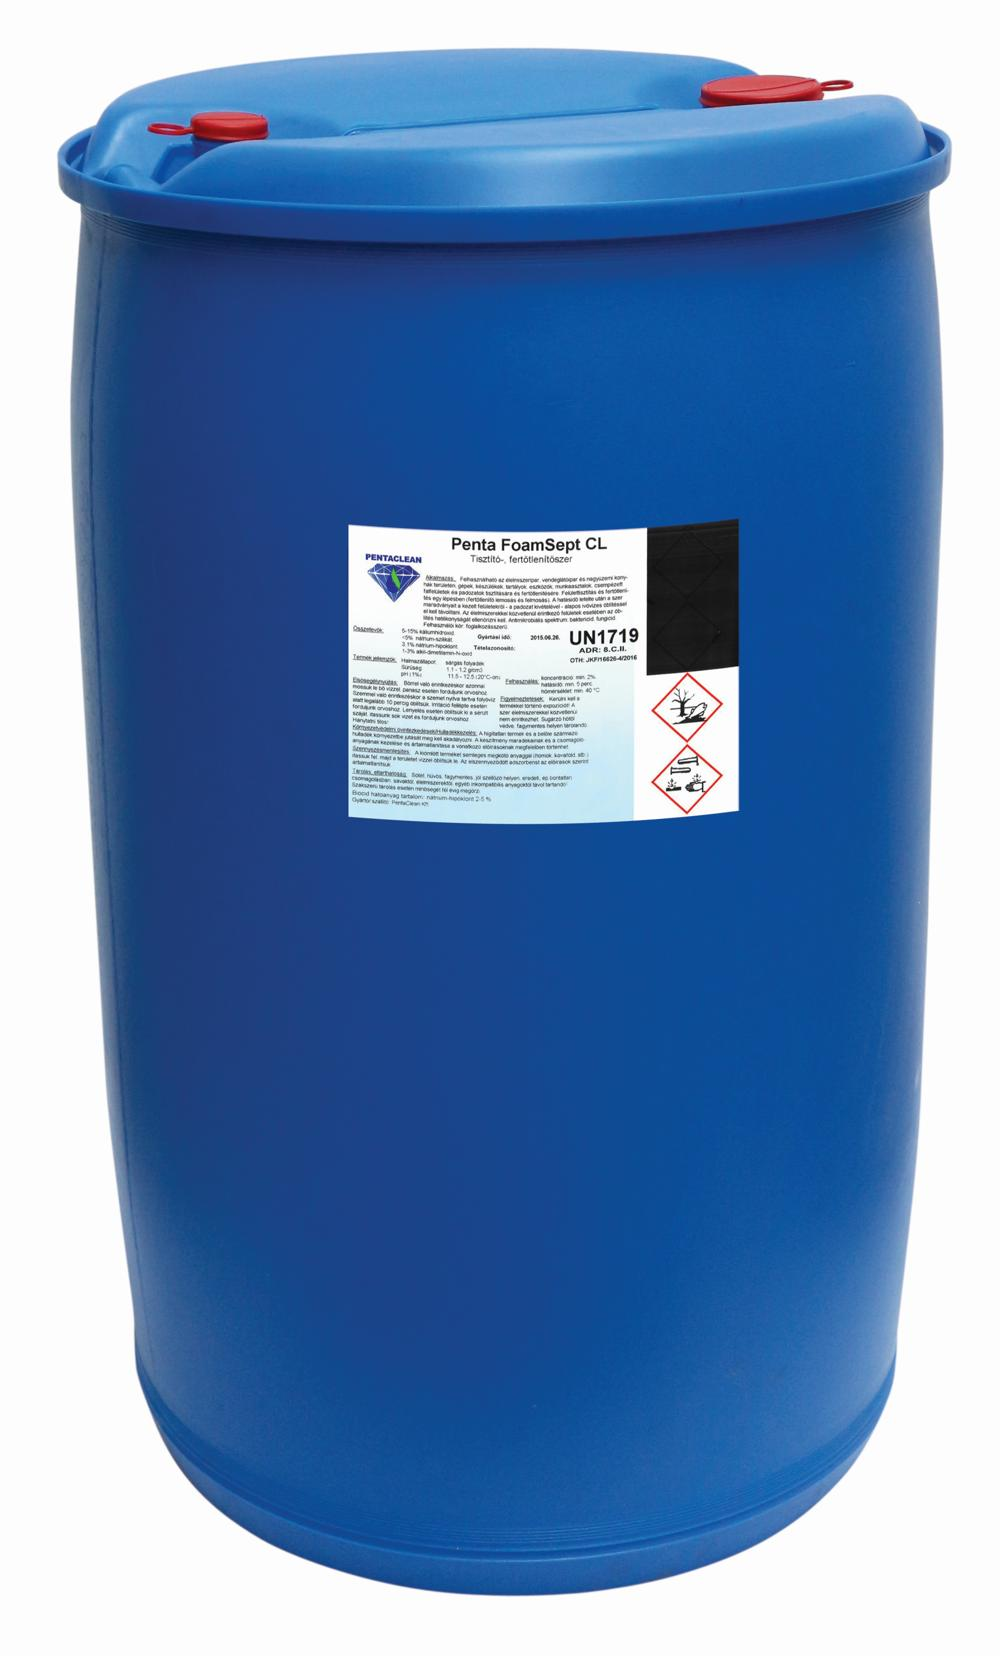 Penta-FoamSept-CL-240kg-web.jpg